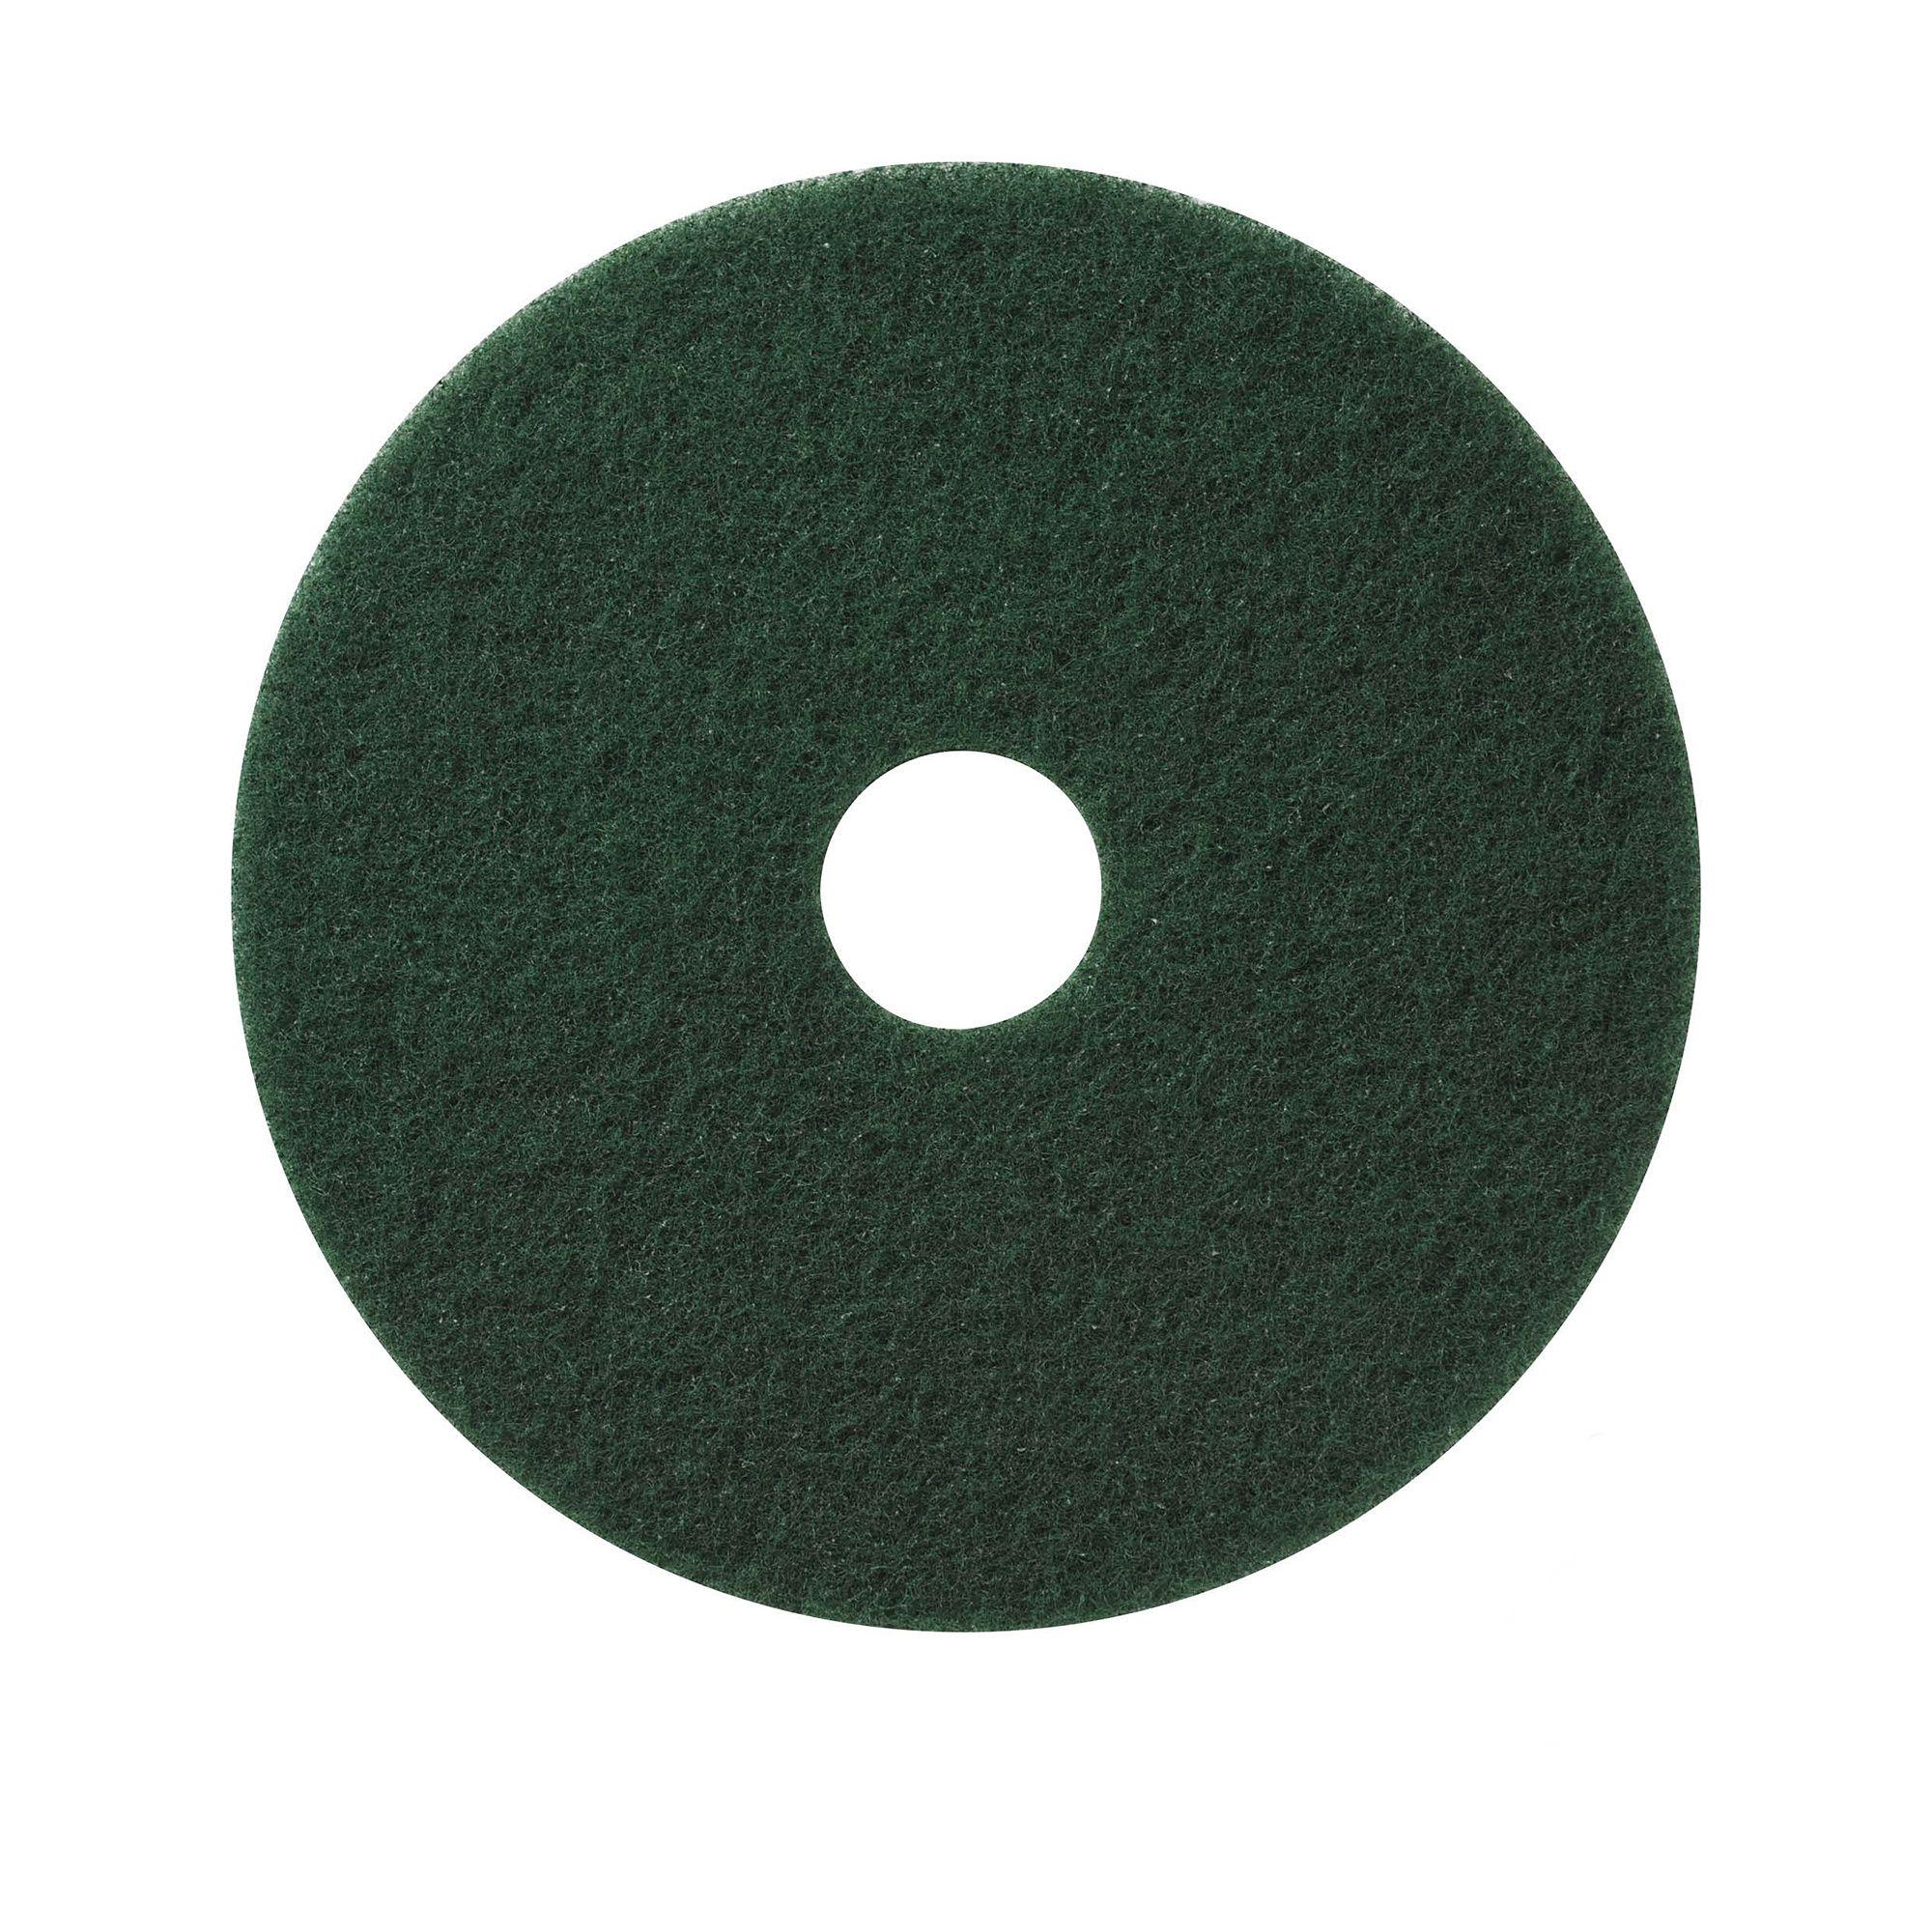 NuPad groen (zwaar schrobben), per 5 stuks, 16 inch / 406 mm